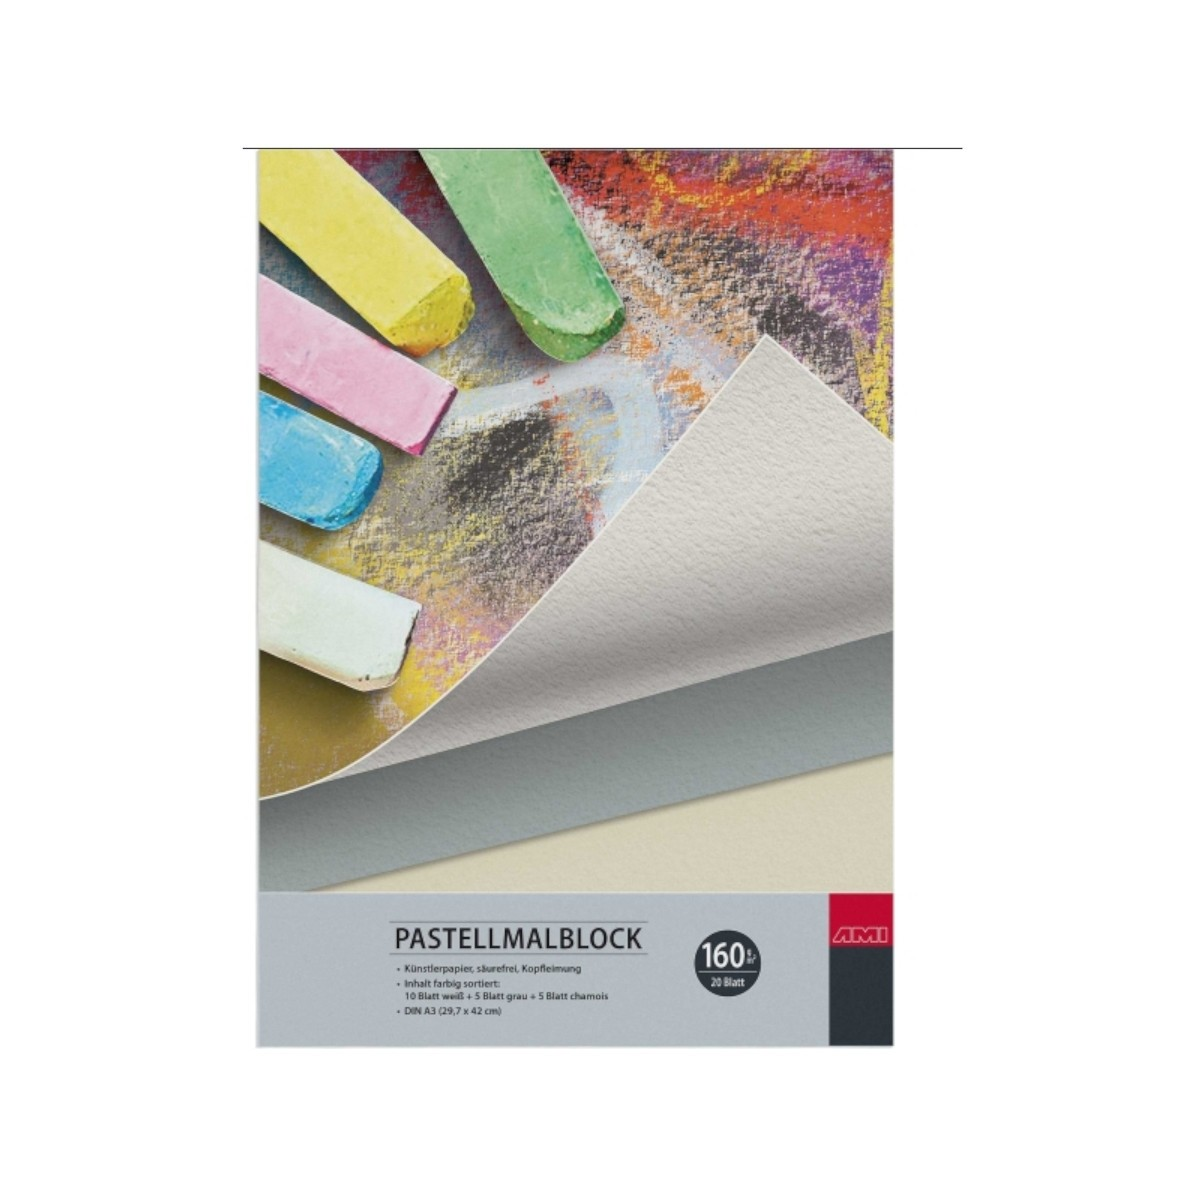 Pastelpapirblok160gr20ark-03